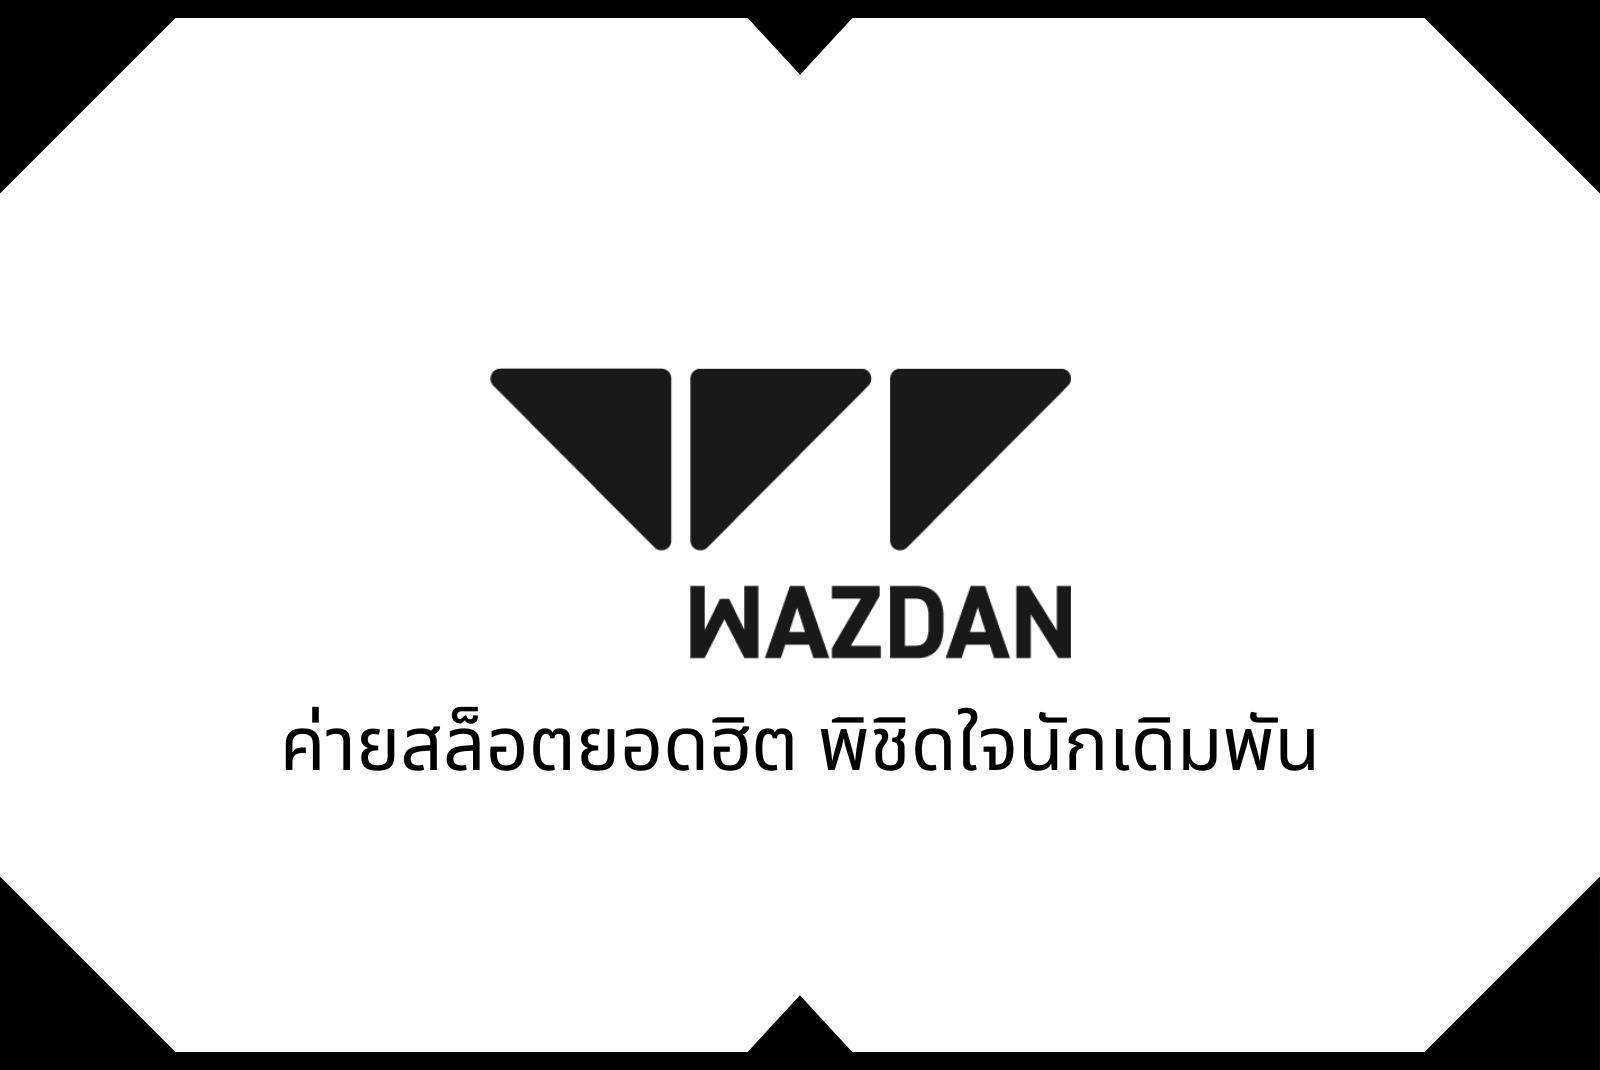 Wazdan ค่ายสล็อตยอดฮิต พิชิดใจนักเดิมพัน